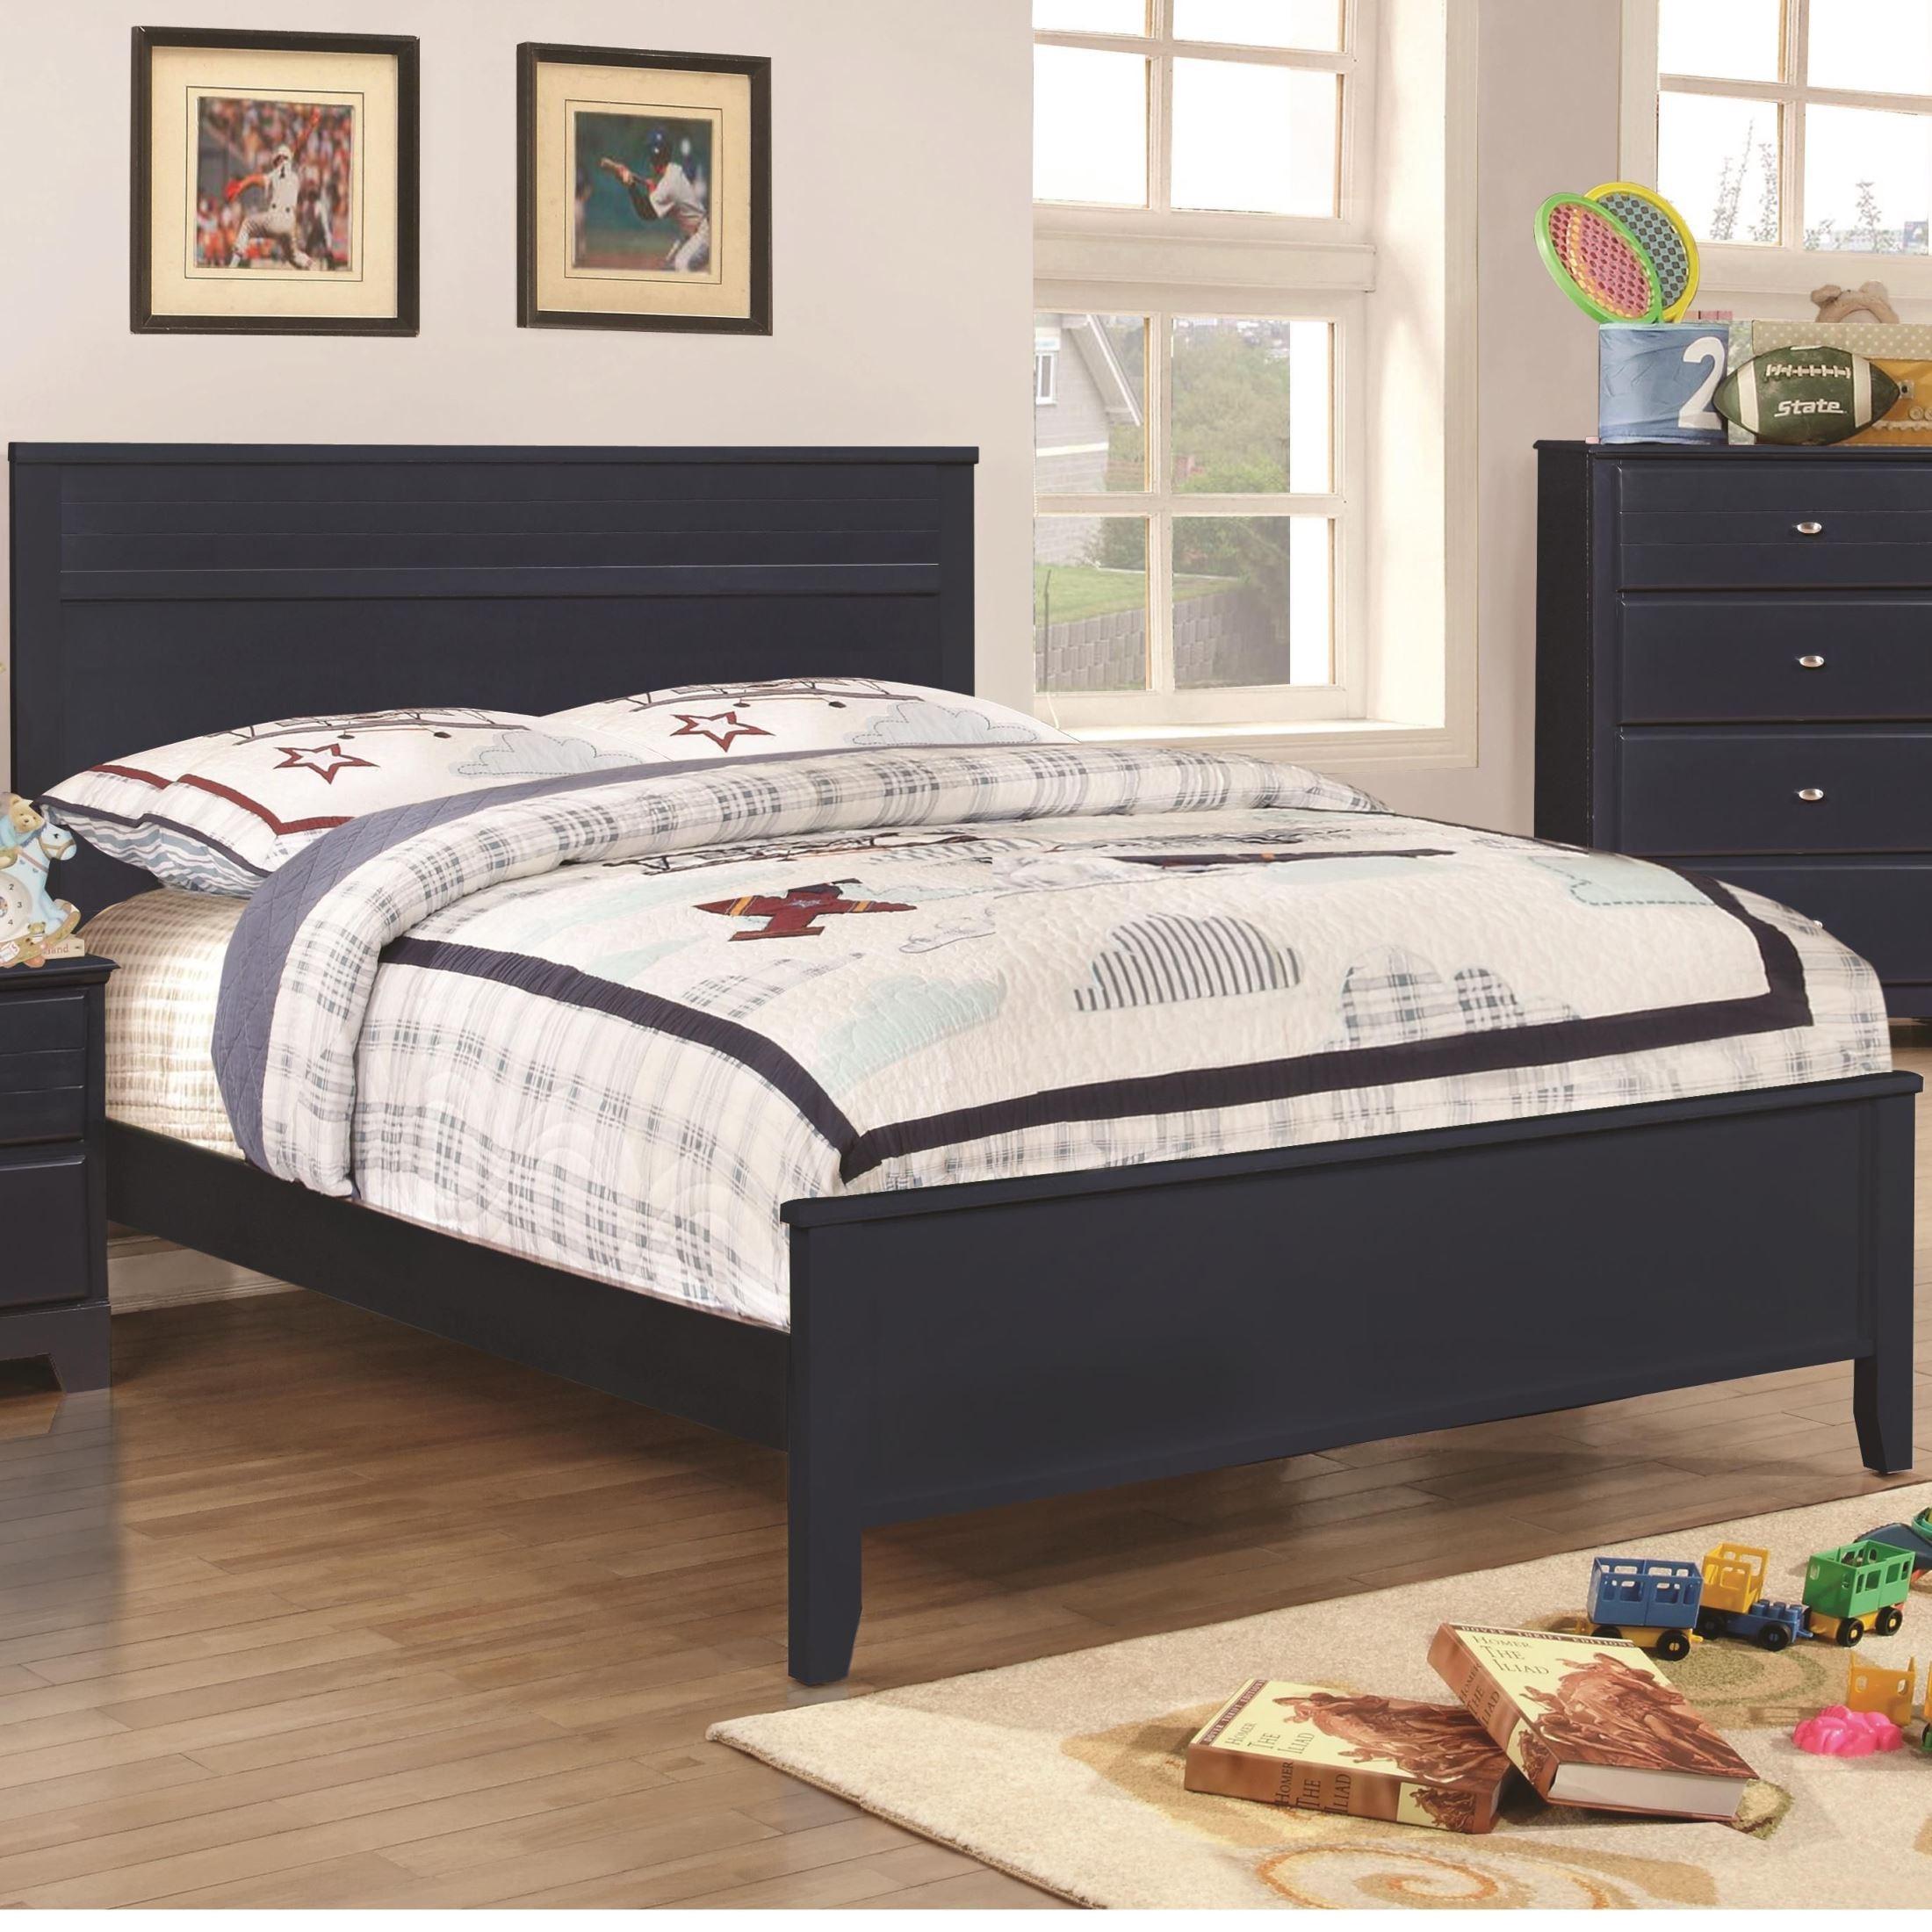 Ashton Navy Youth Panel Bedroom Set, 400781T, Coaster